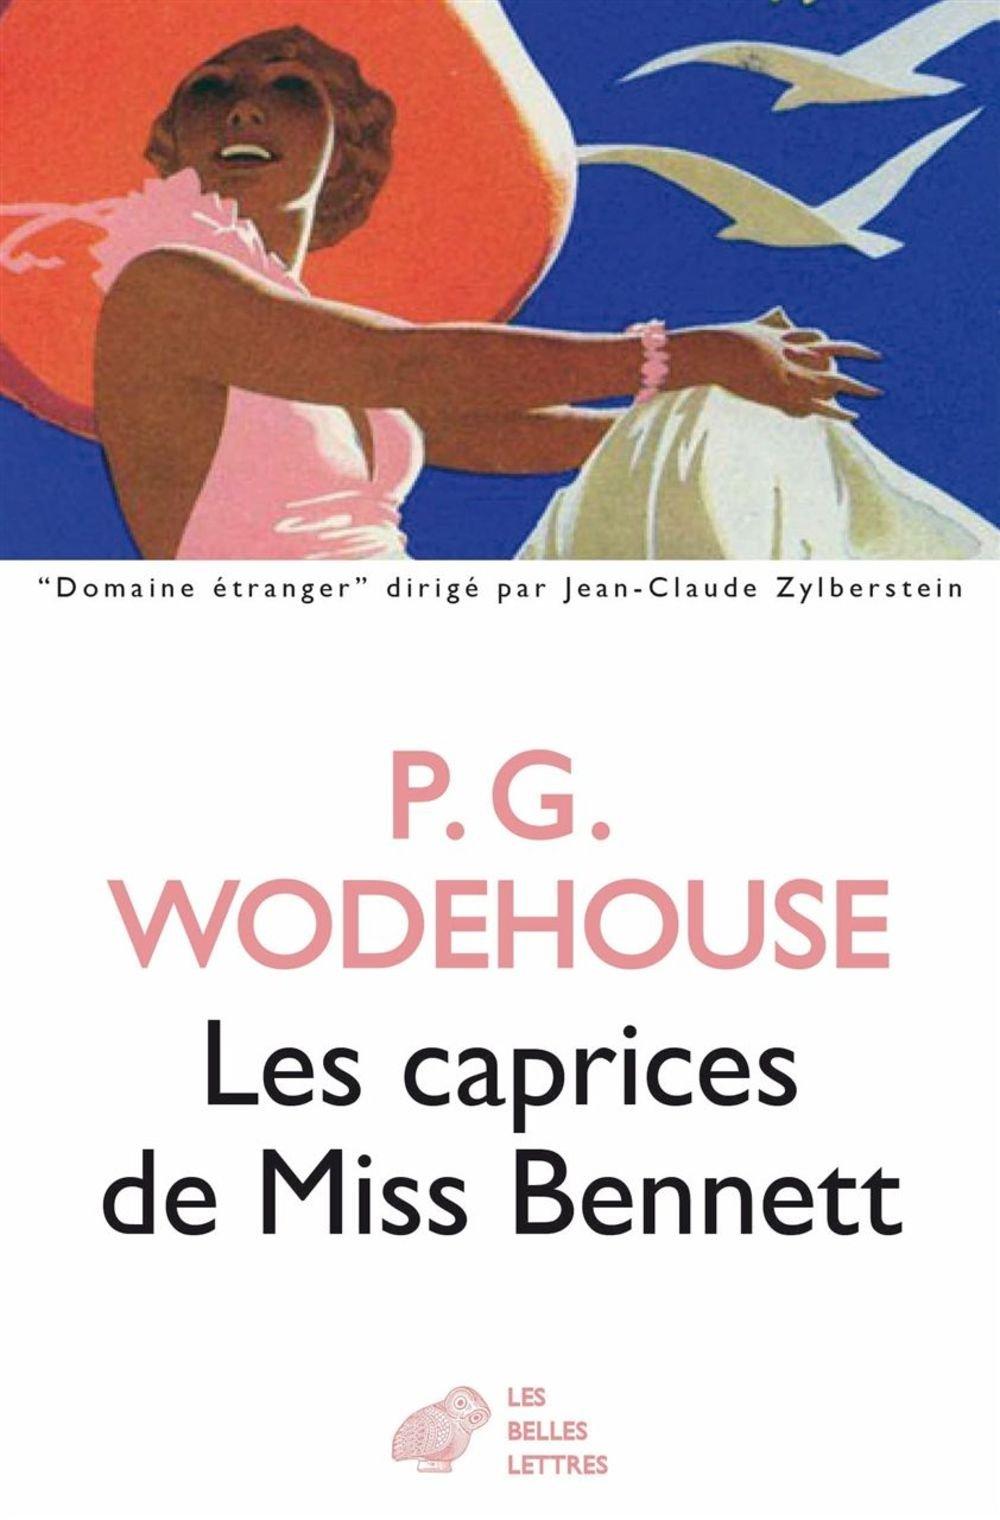 Les Caprices de Miss Bennett de PG Wodehouse 715Y33-TM5L